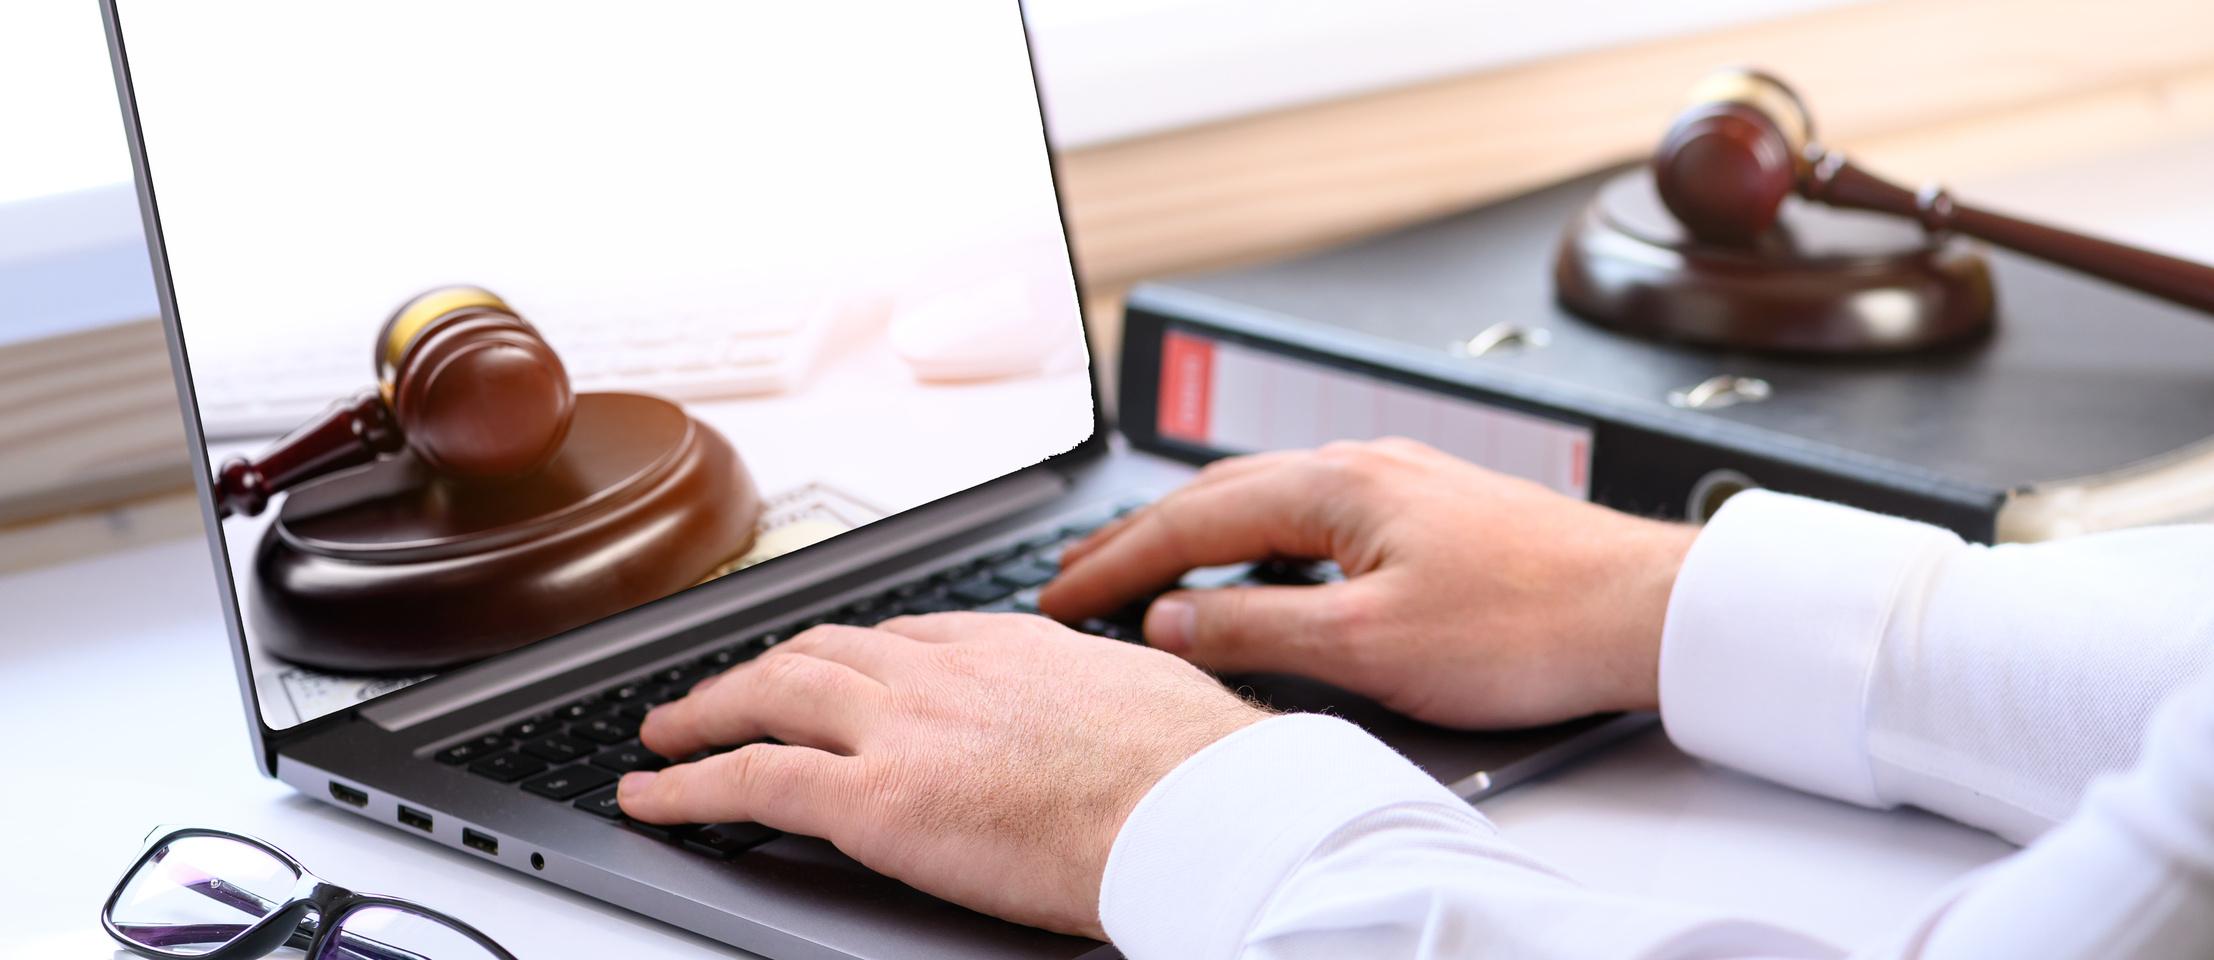 Online Preisrechtstag -Ахтем